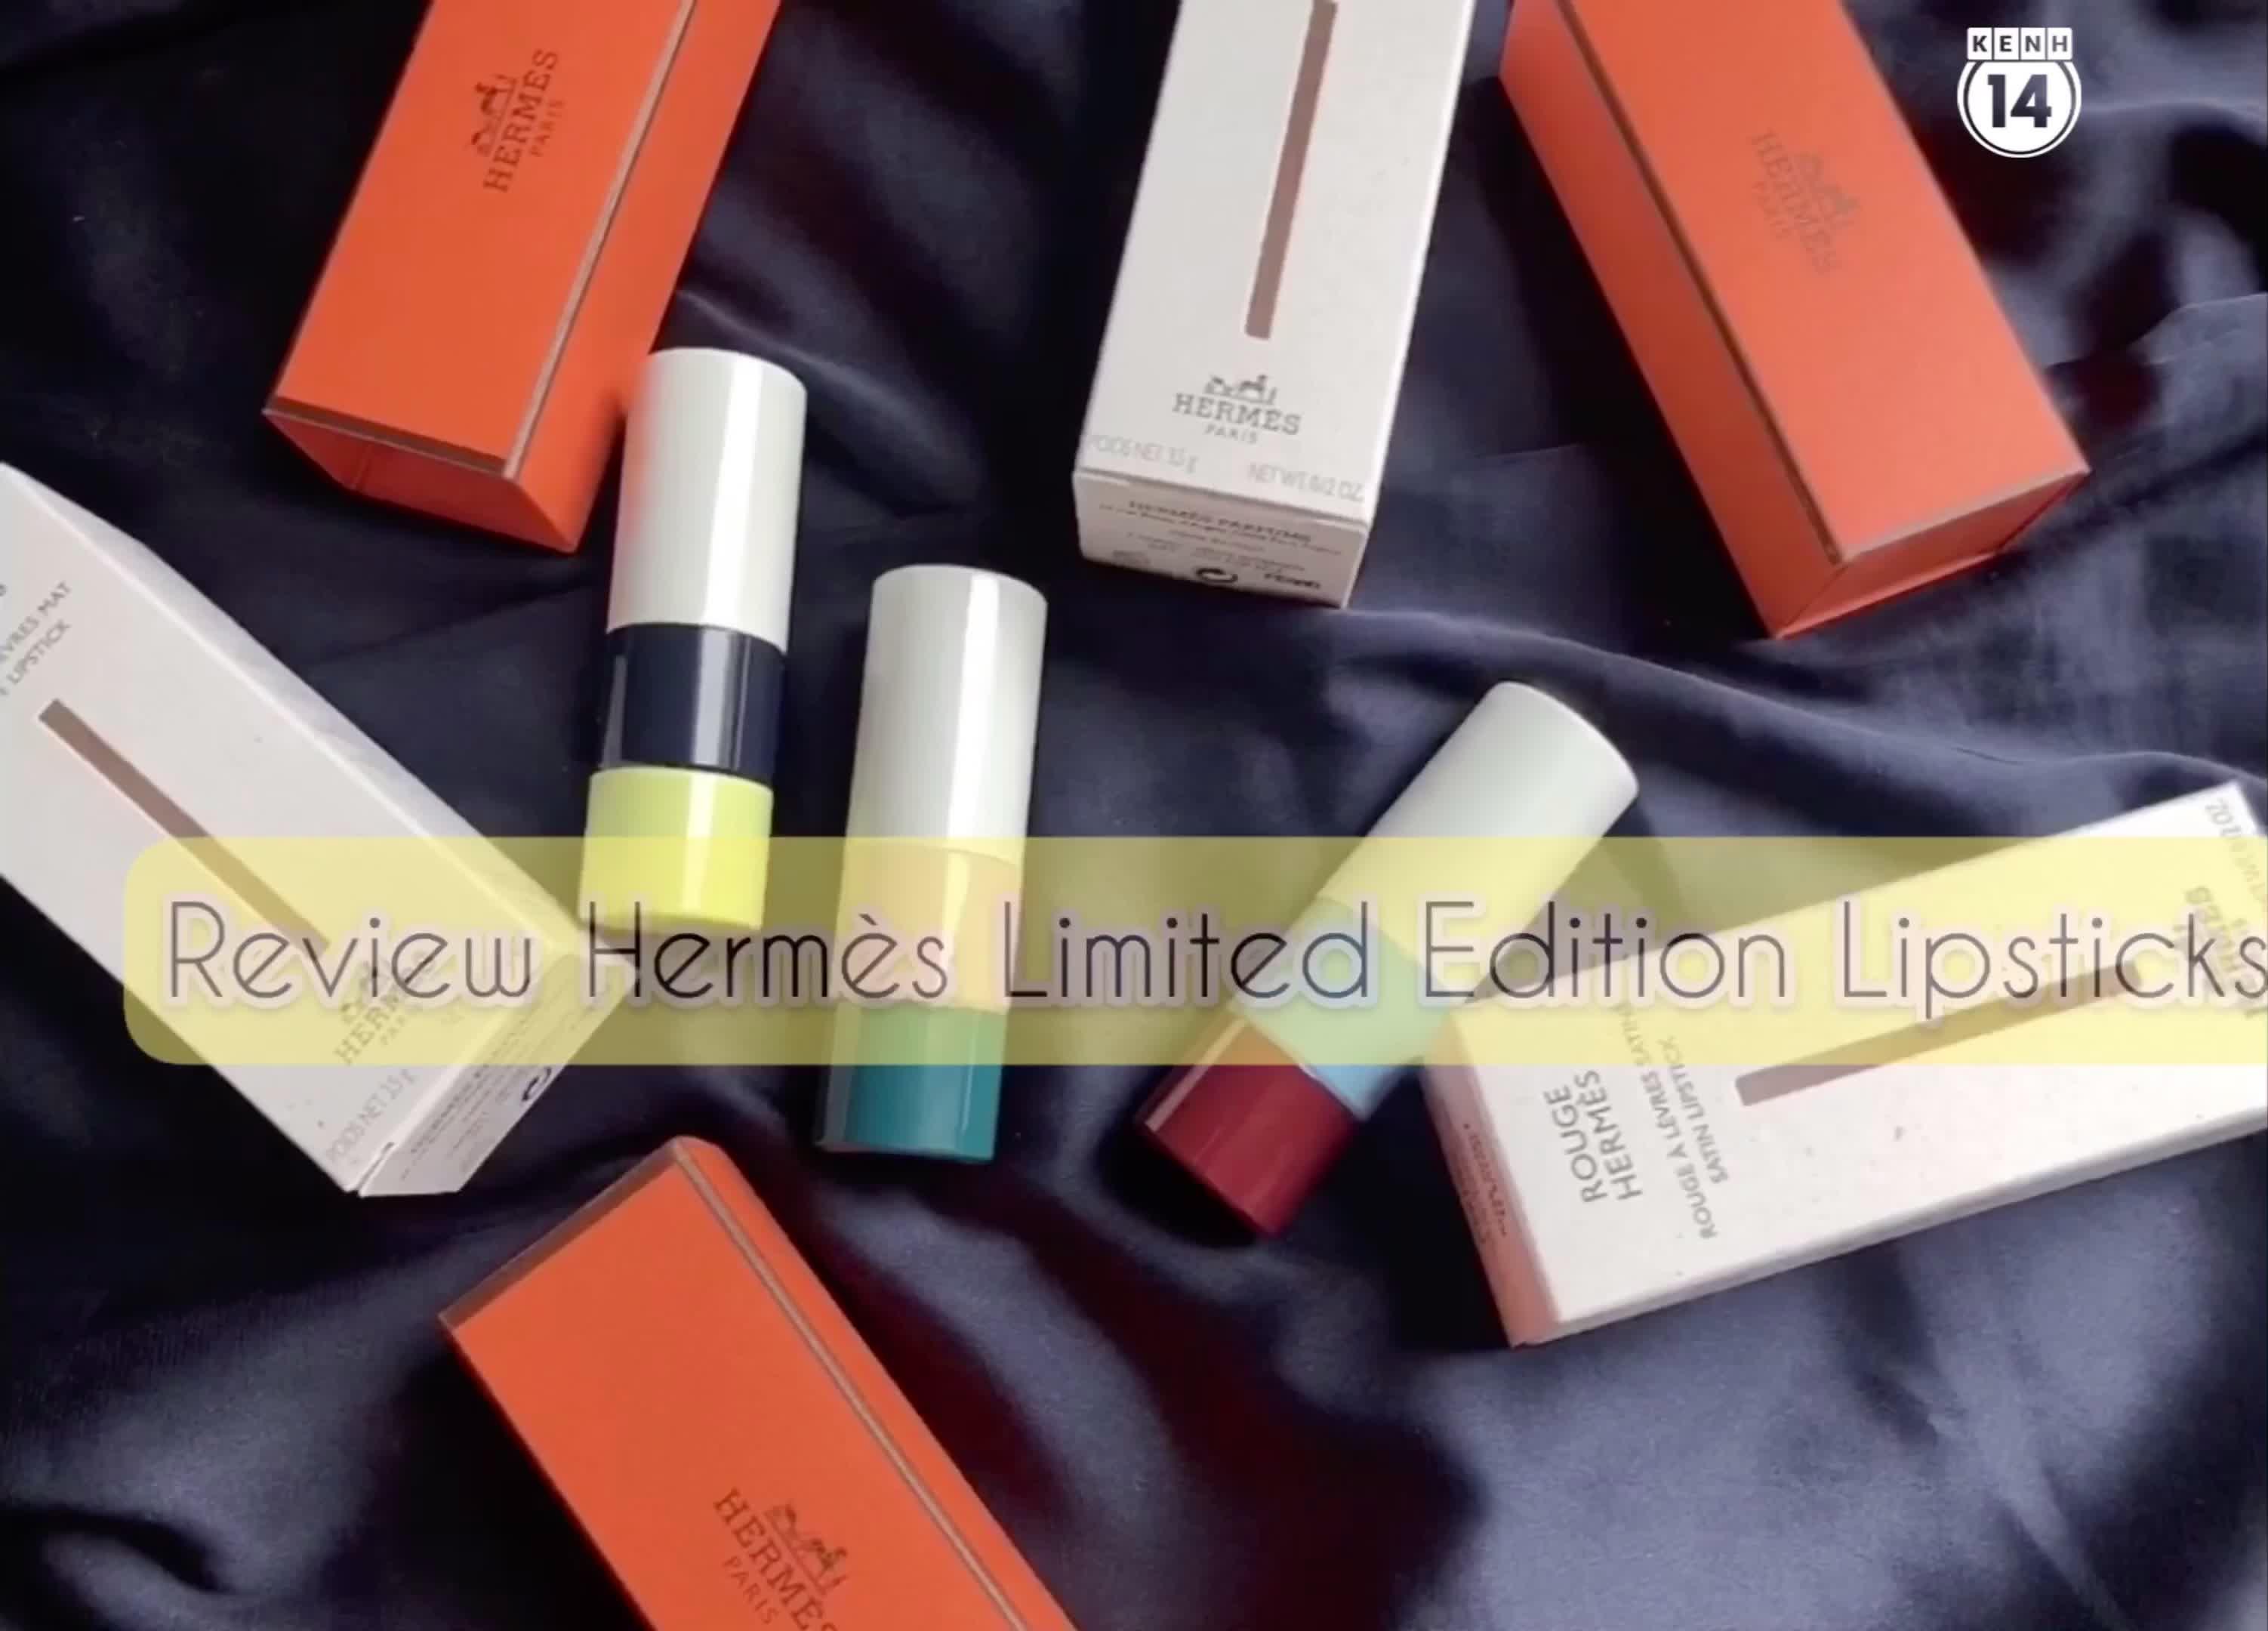 Bộ son Limited Edtion của Hermès: Sang, xịn nhưng màu sẽ kén style